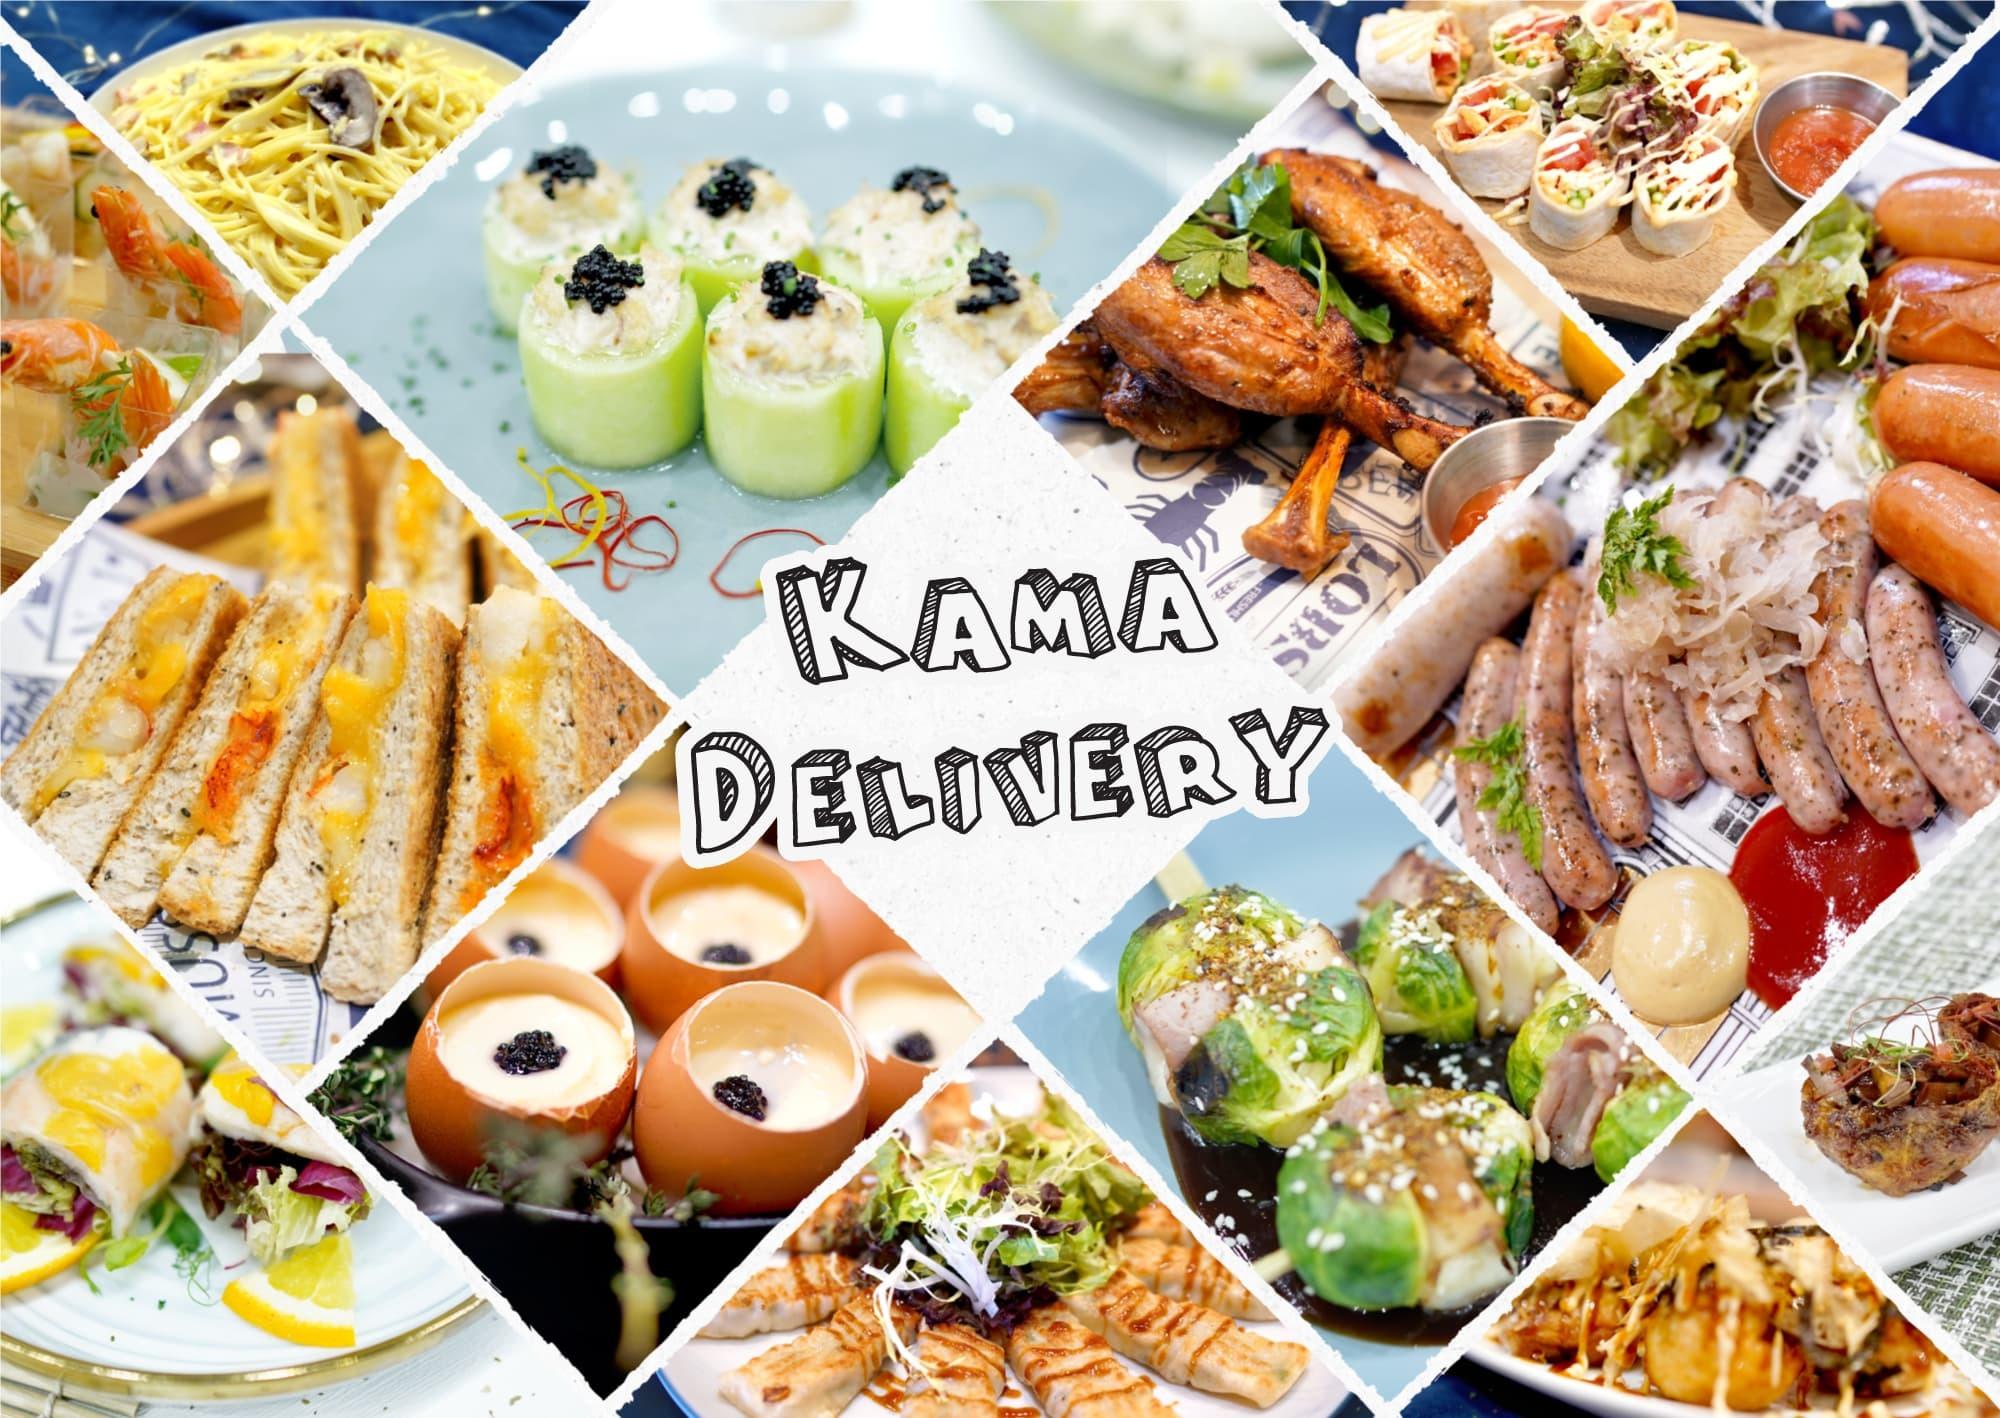 88人外賣套餐預訂|Kama Delivery為大型Party製作各款西式食品,並可為你的派對度身訂造個性化Menu及按人數調整食物份量。